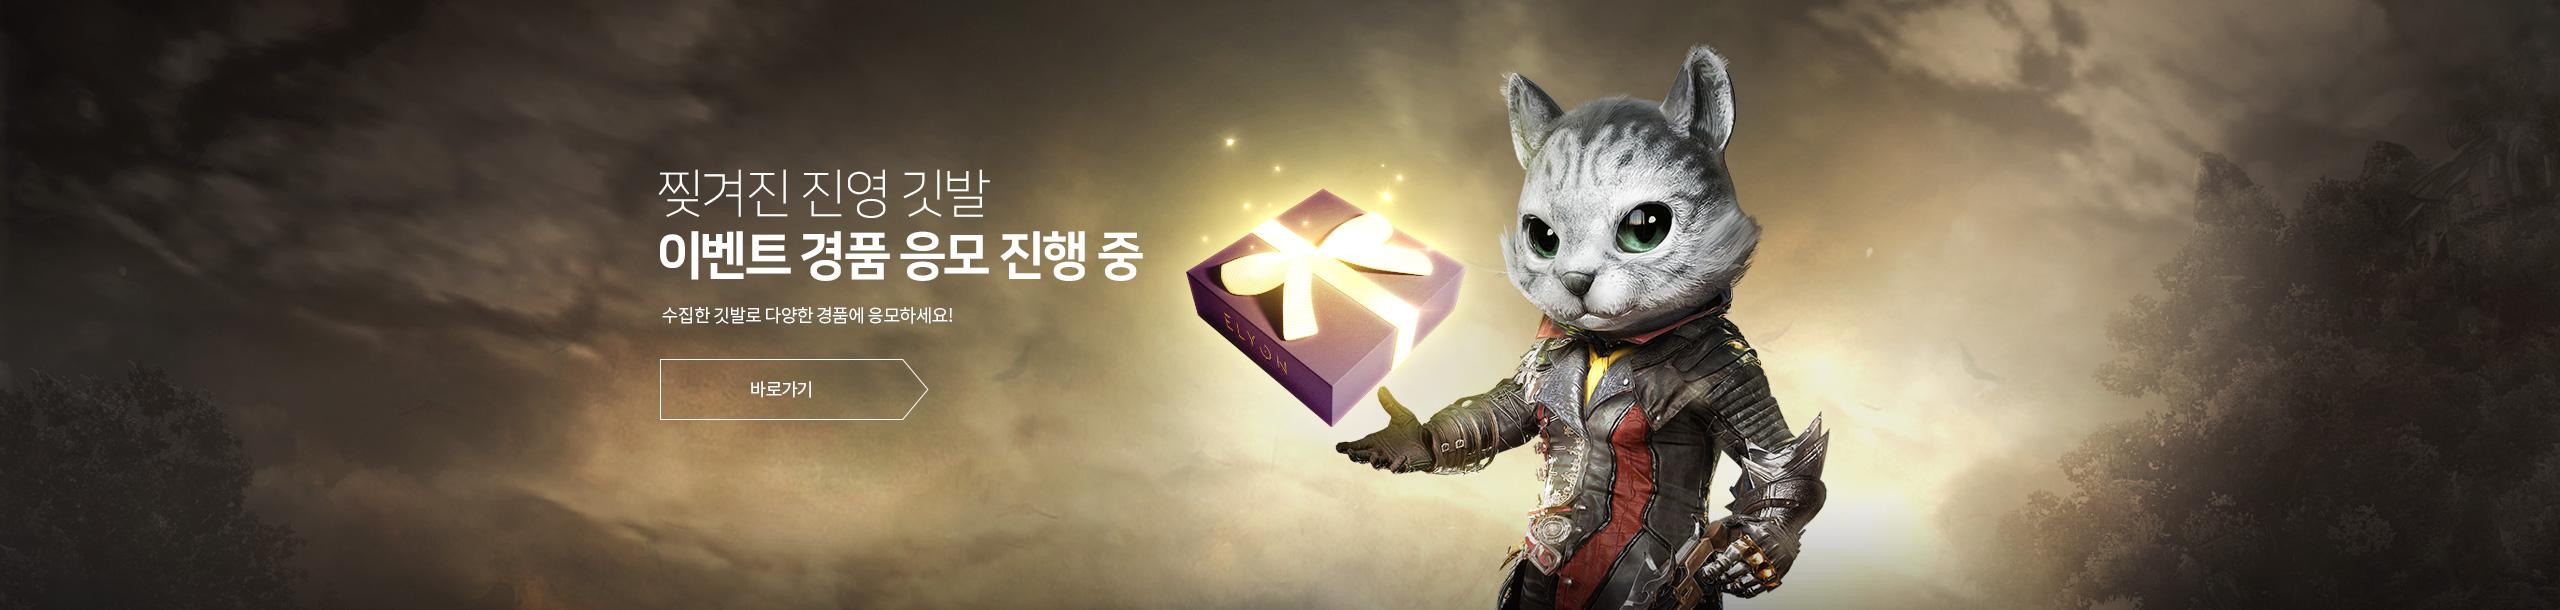 찢겨진 진영 깃발 이벤트 경품 응모 진행 중 수집한 깃발로 다양한 경품에 응모하세요! 바로가기